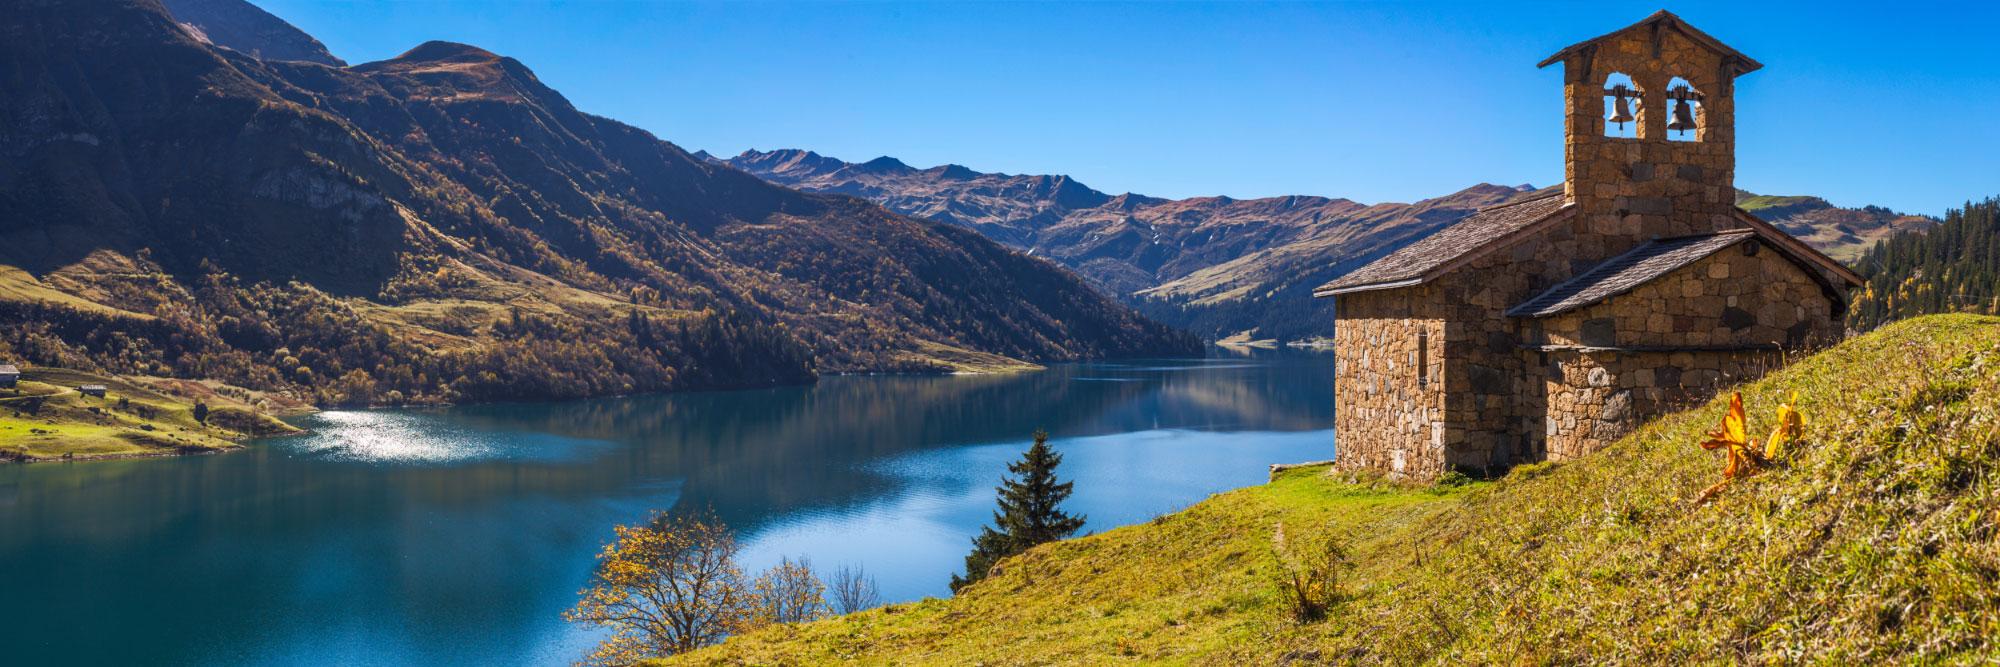 Lac et chapelle de Roselend, Beaufortin